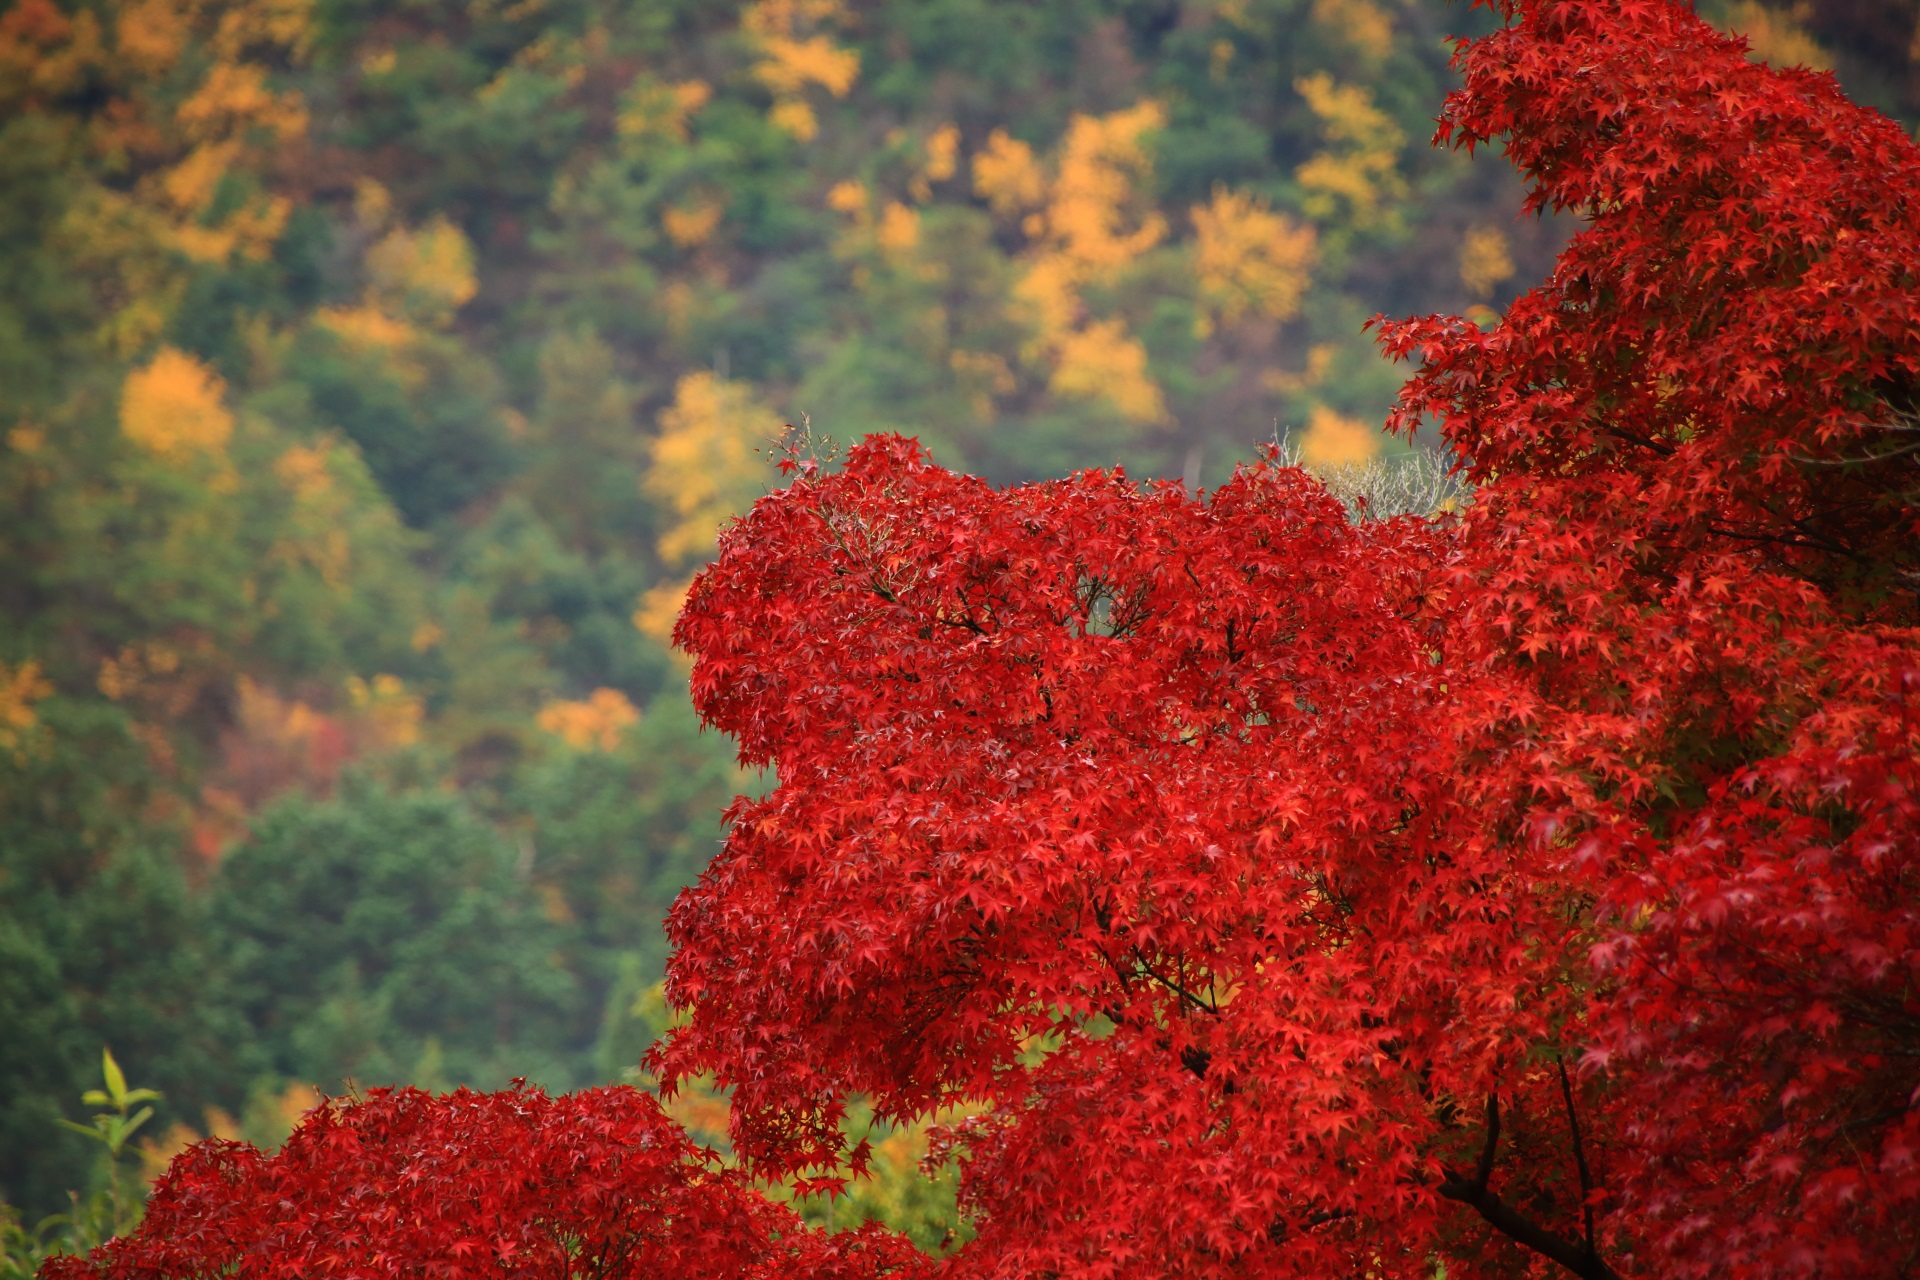 光悦寺の真っ赤な紅葉と秋の鷹が峰